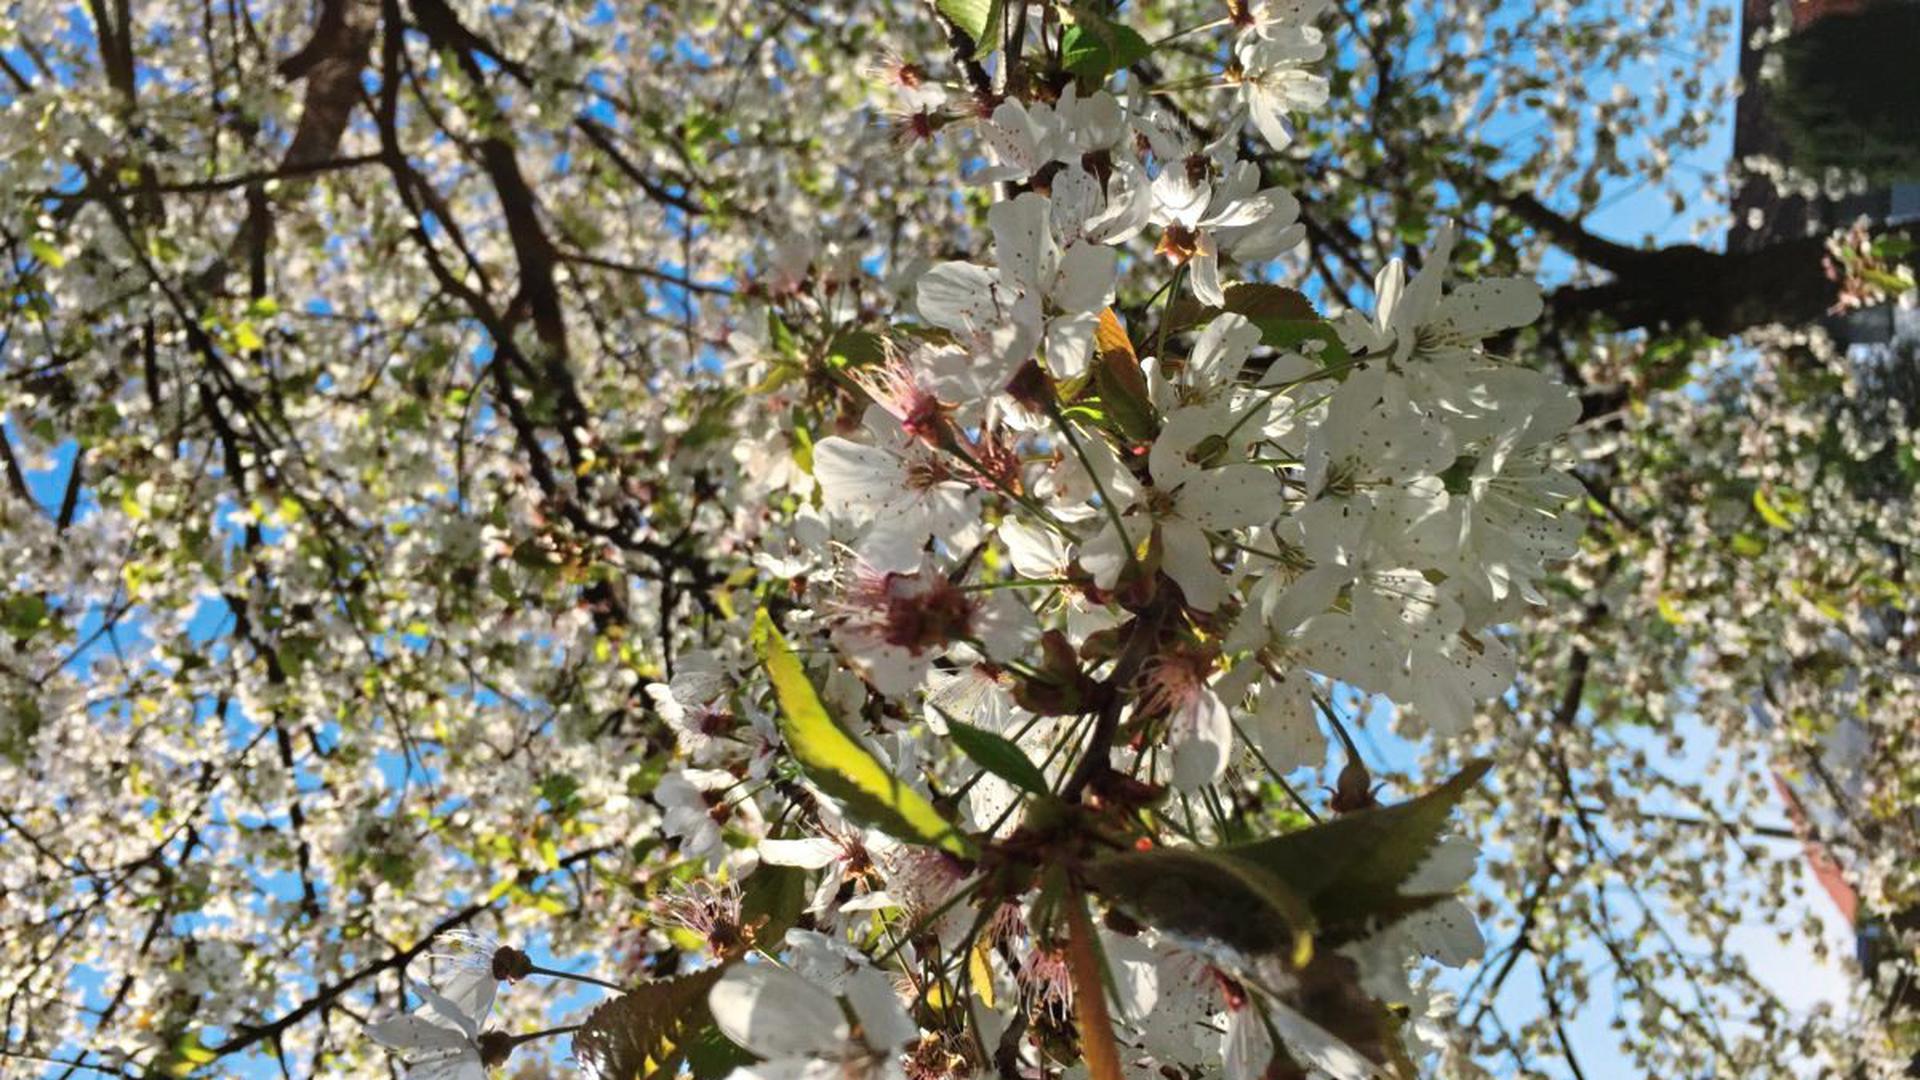 Ganz in weiß blüht die Vogelkirsche - wie hier in Neureut.